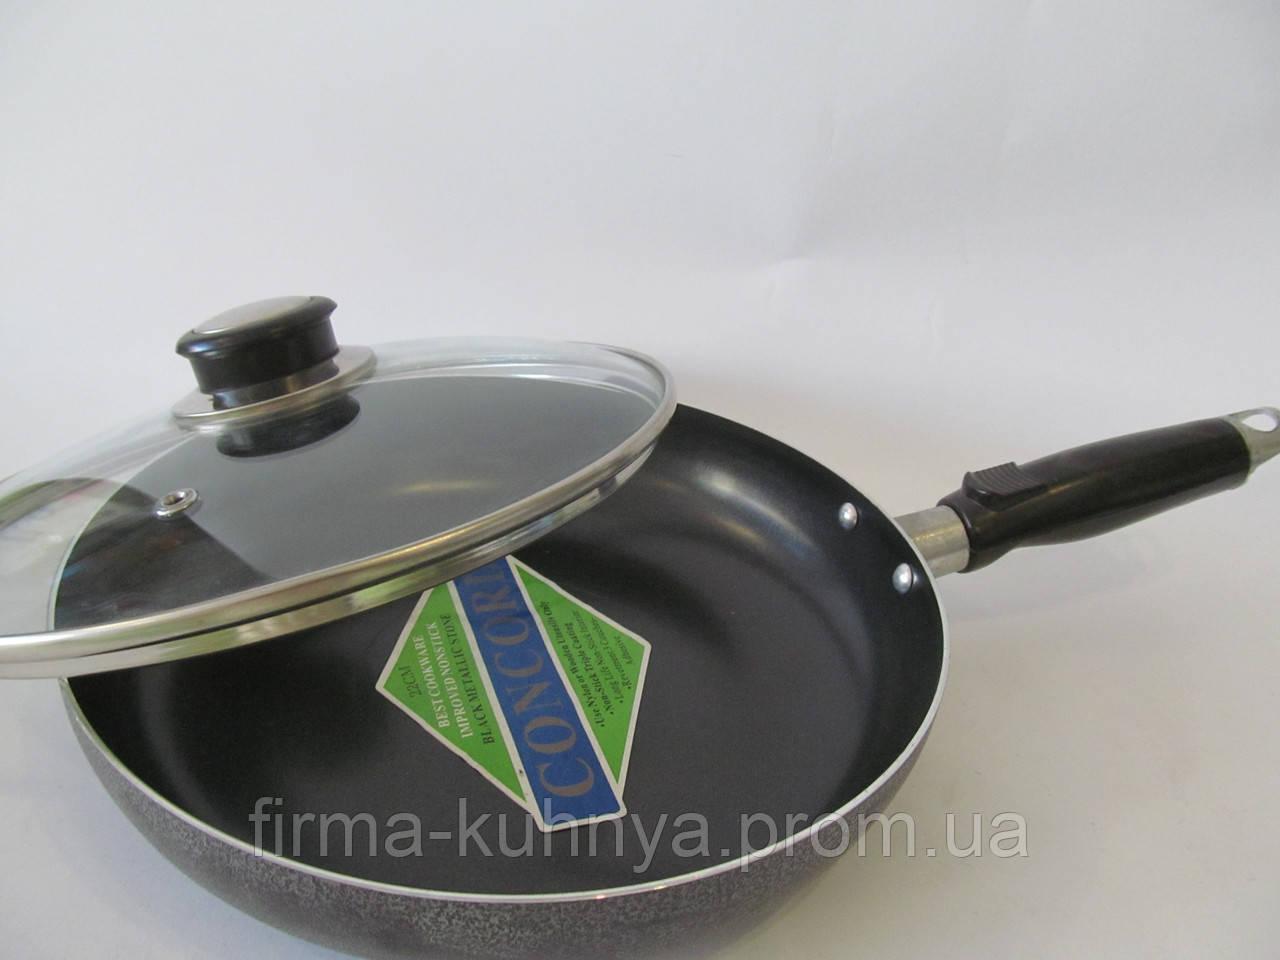 Сковородка - фирма aj КУХНЯ в Одессе